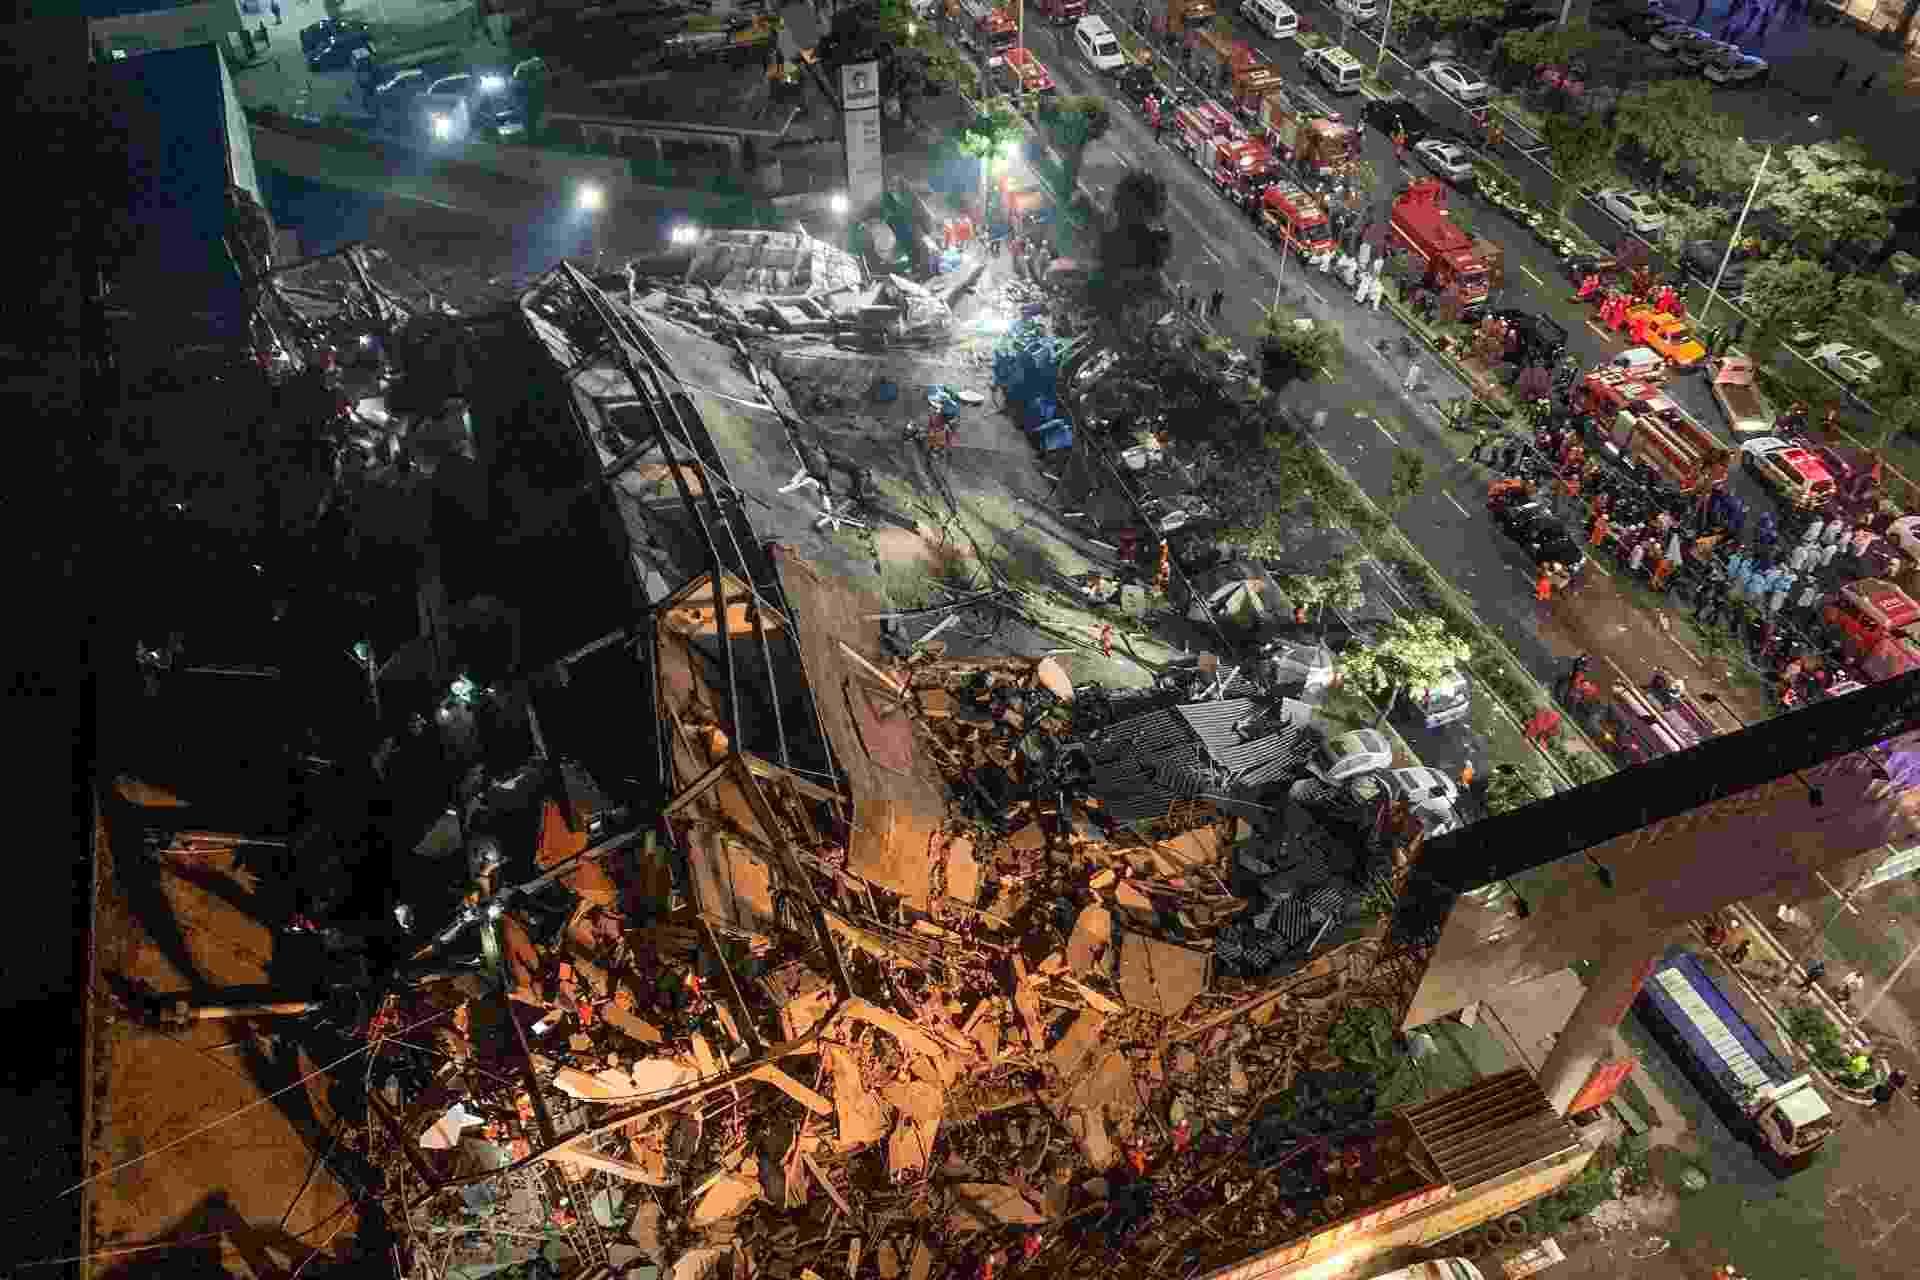 7.mar.2020 - Hotel usado por pessoas em quarentena pela covid-19 desaba na China - AFP